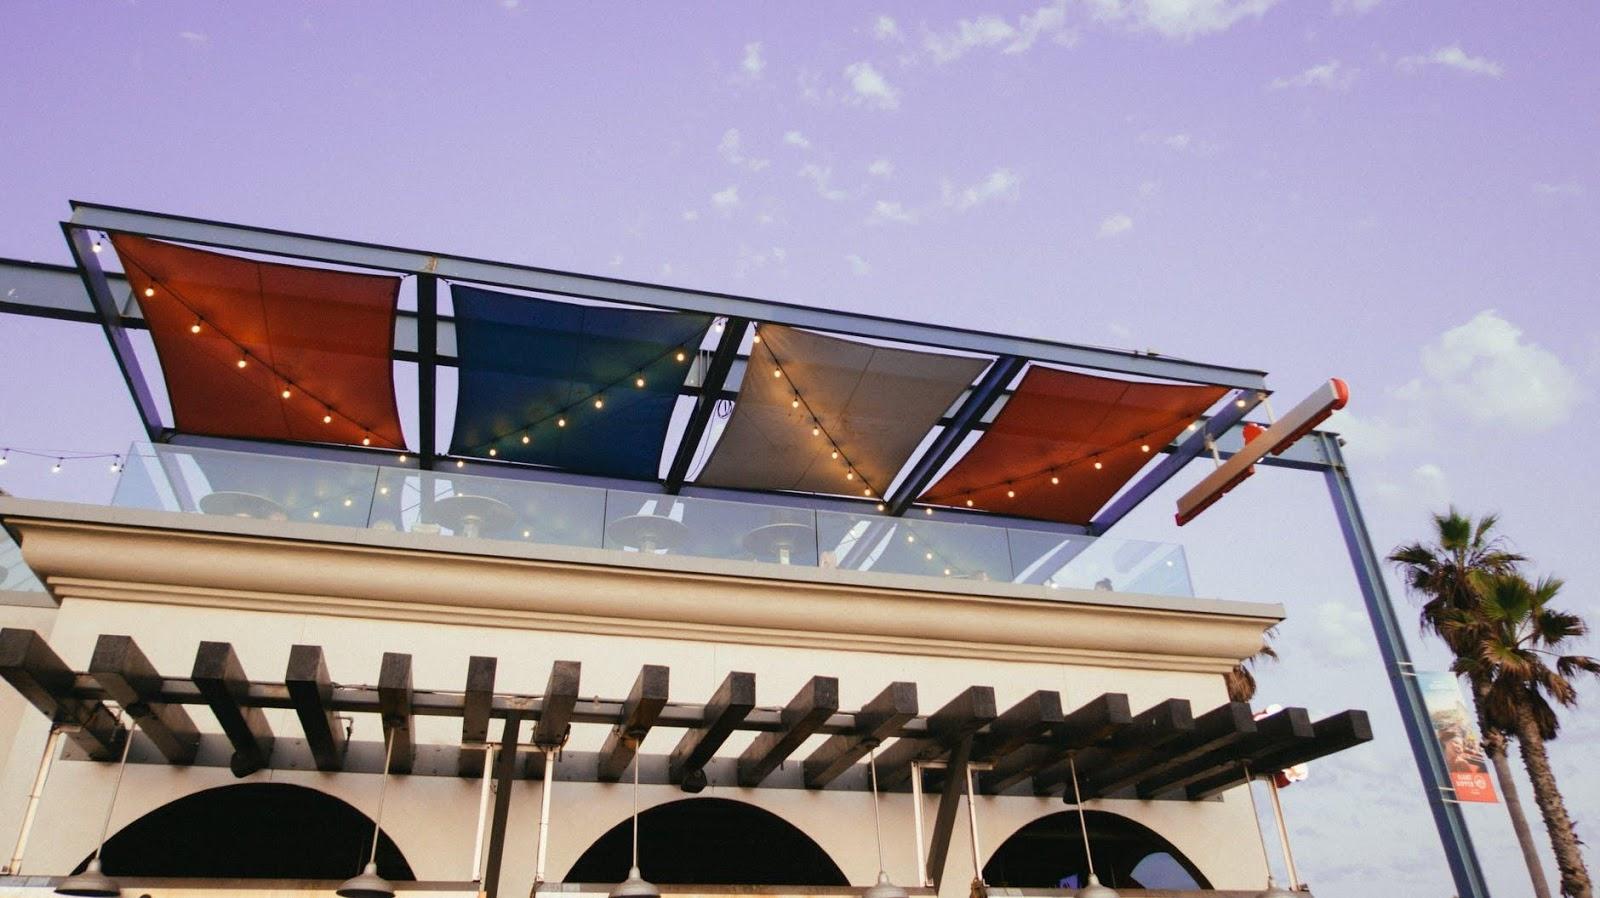 toldos correderos de aluminio en Girona